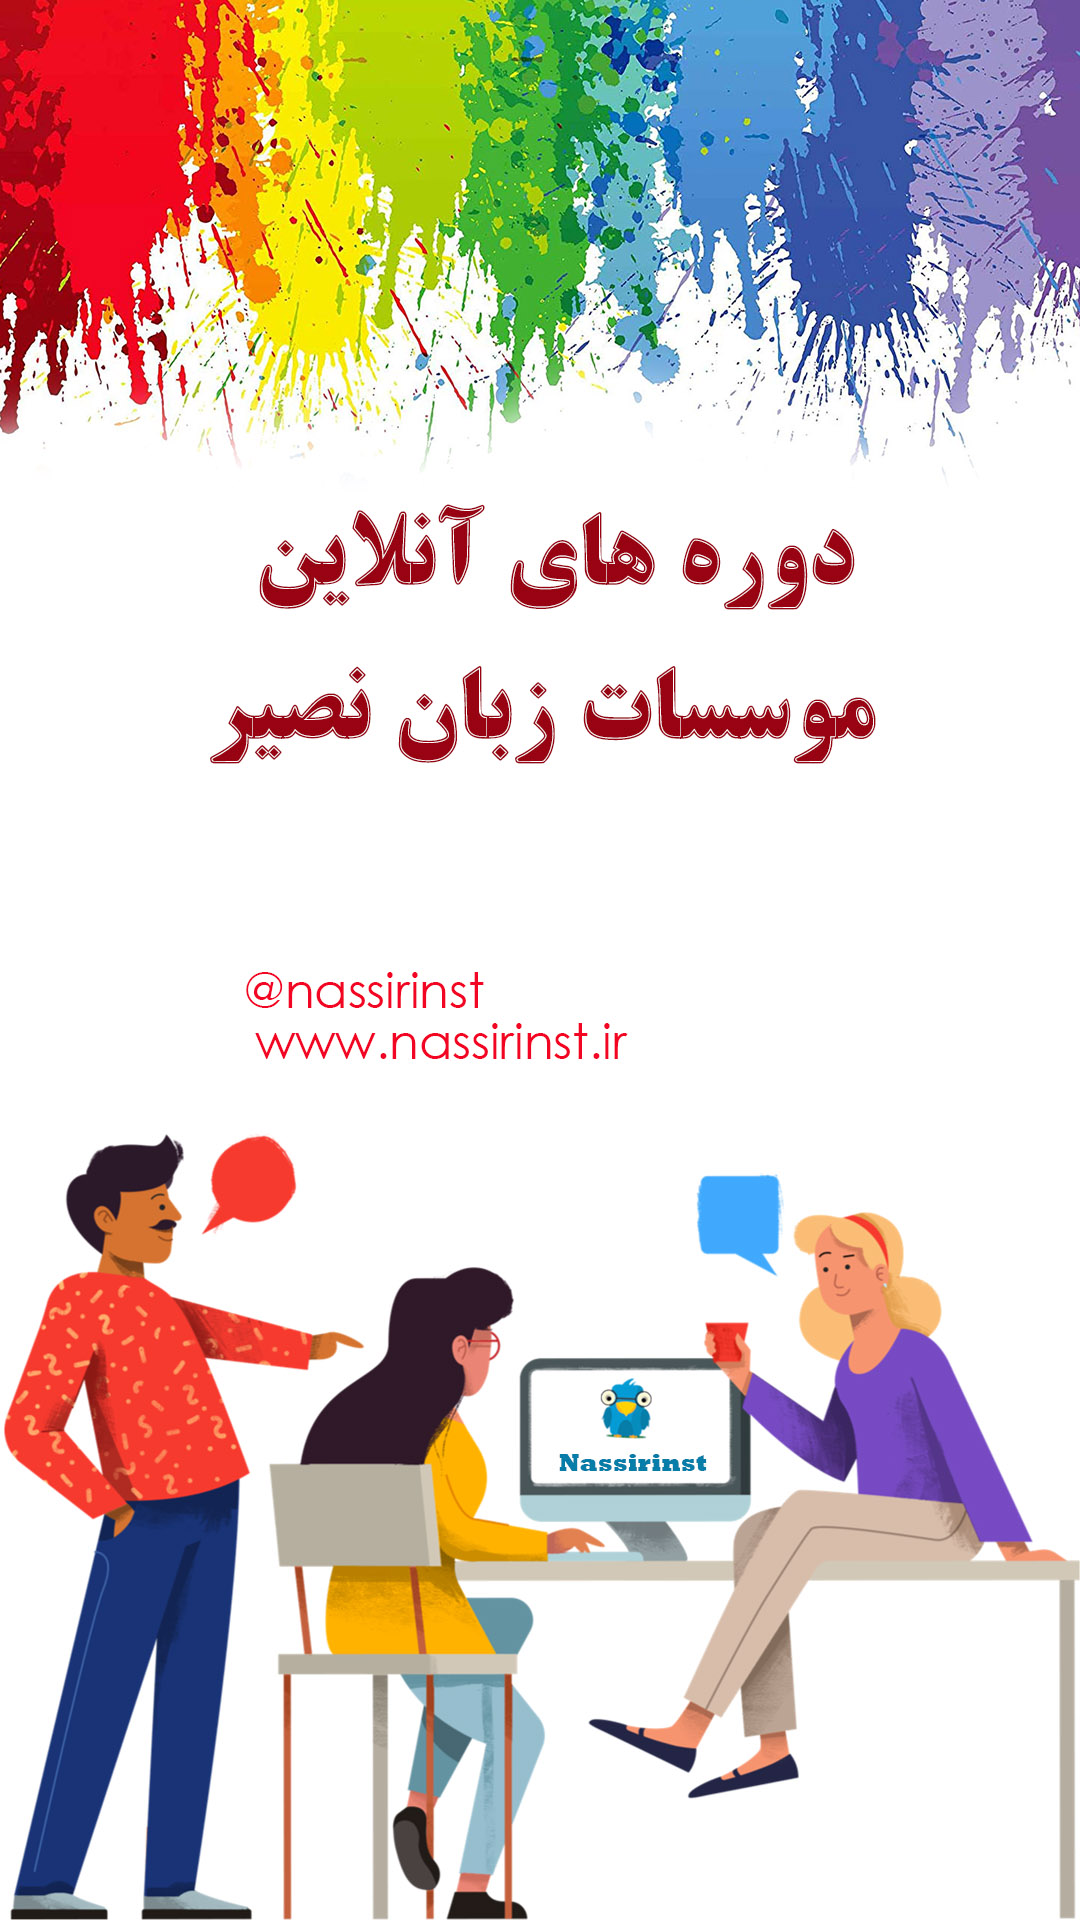 موسسات زبان نصیر